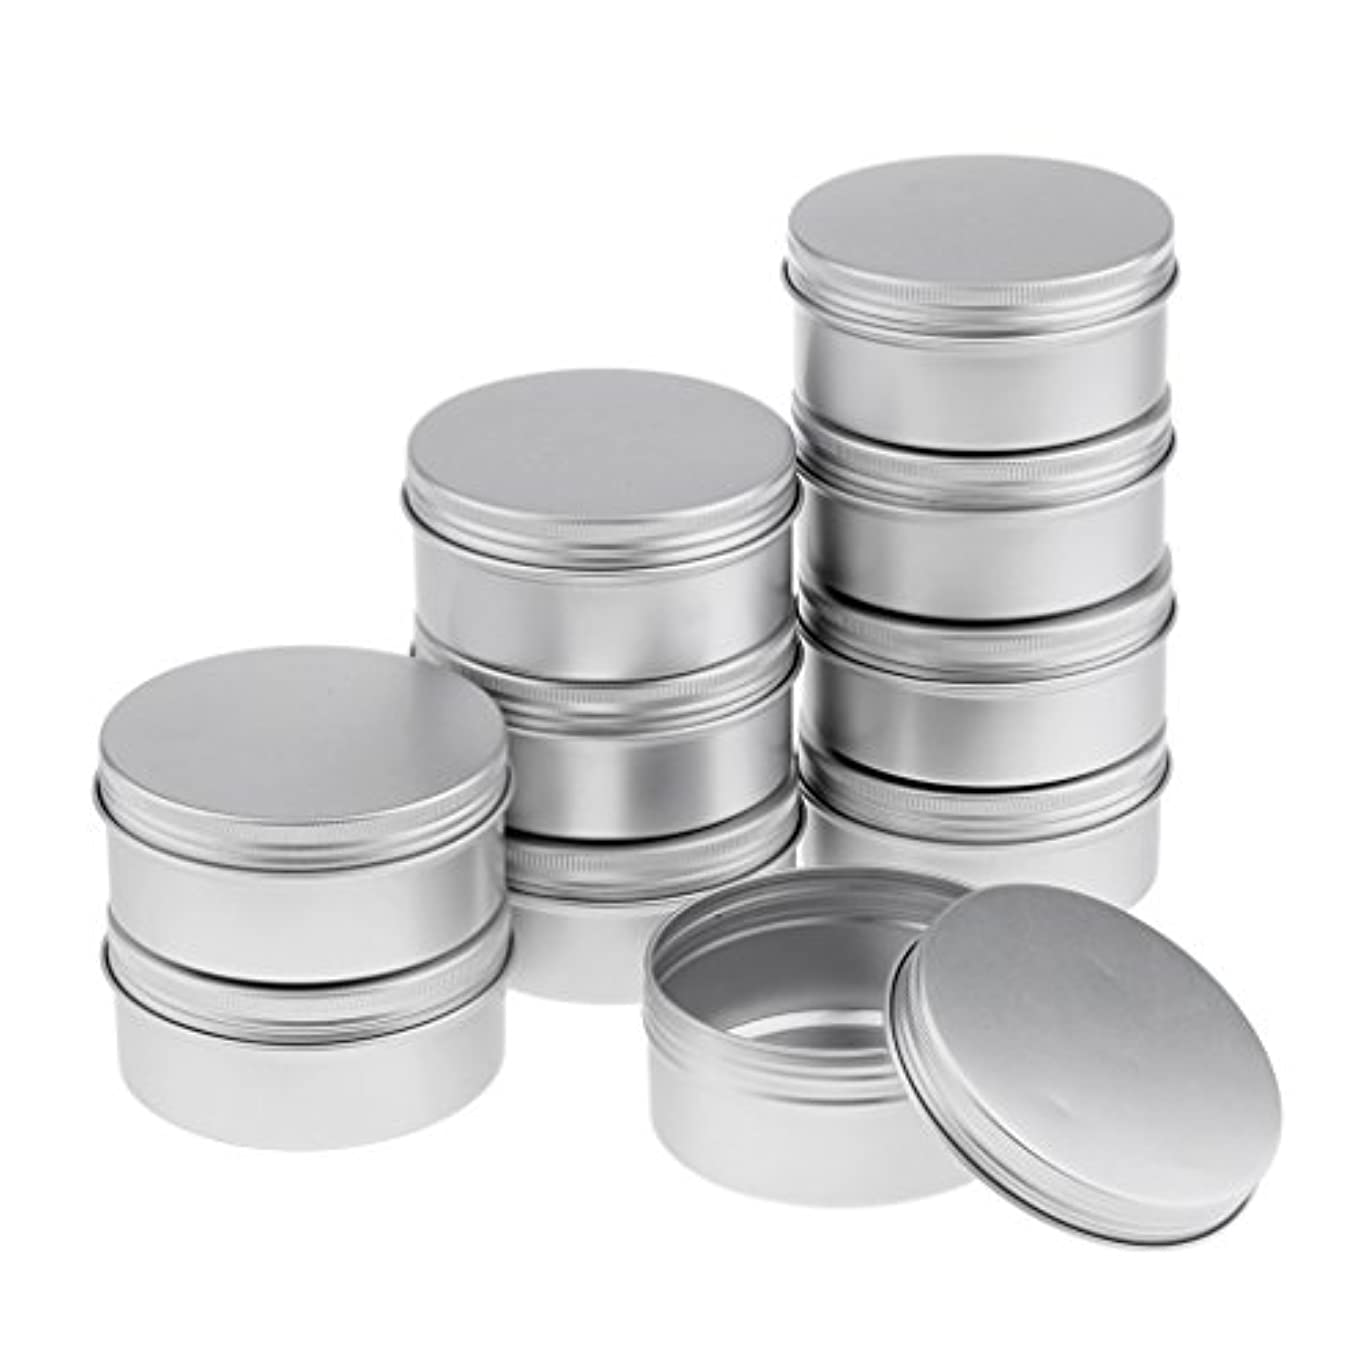 宝石要旨質素なクリーム 容器 150ミリリットル クリームジャー 空ジャー コスメ 詰替え 容器 4サイズ選べる - 150ml